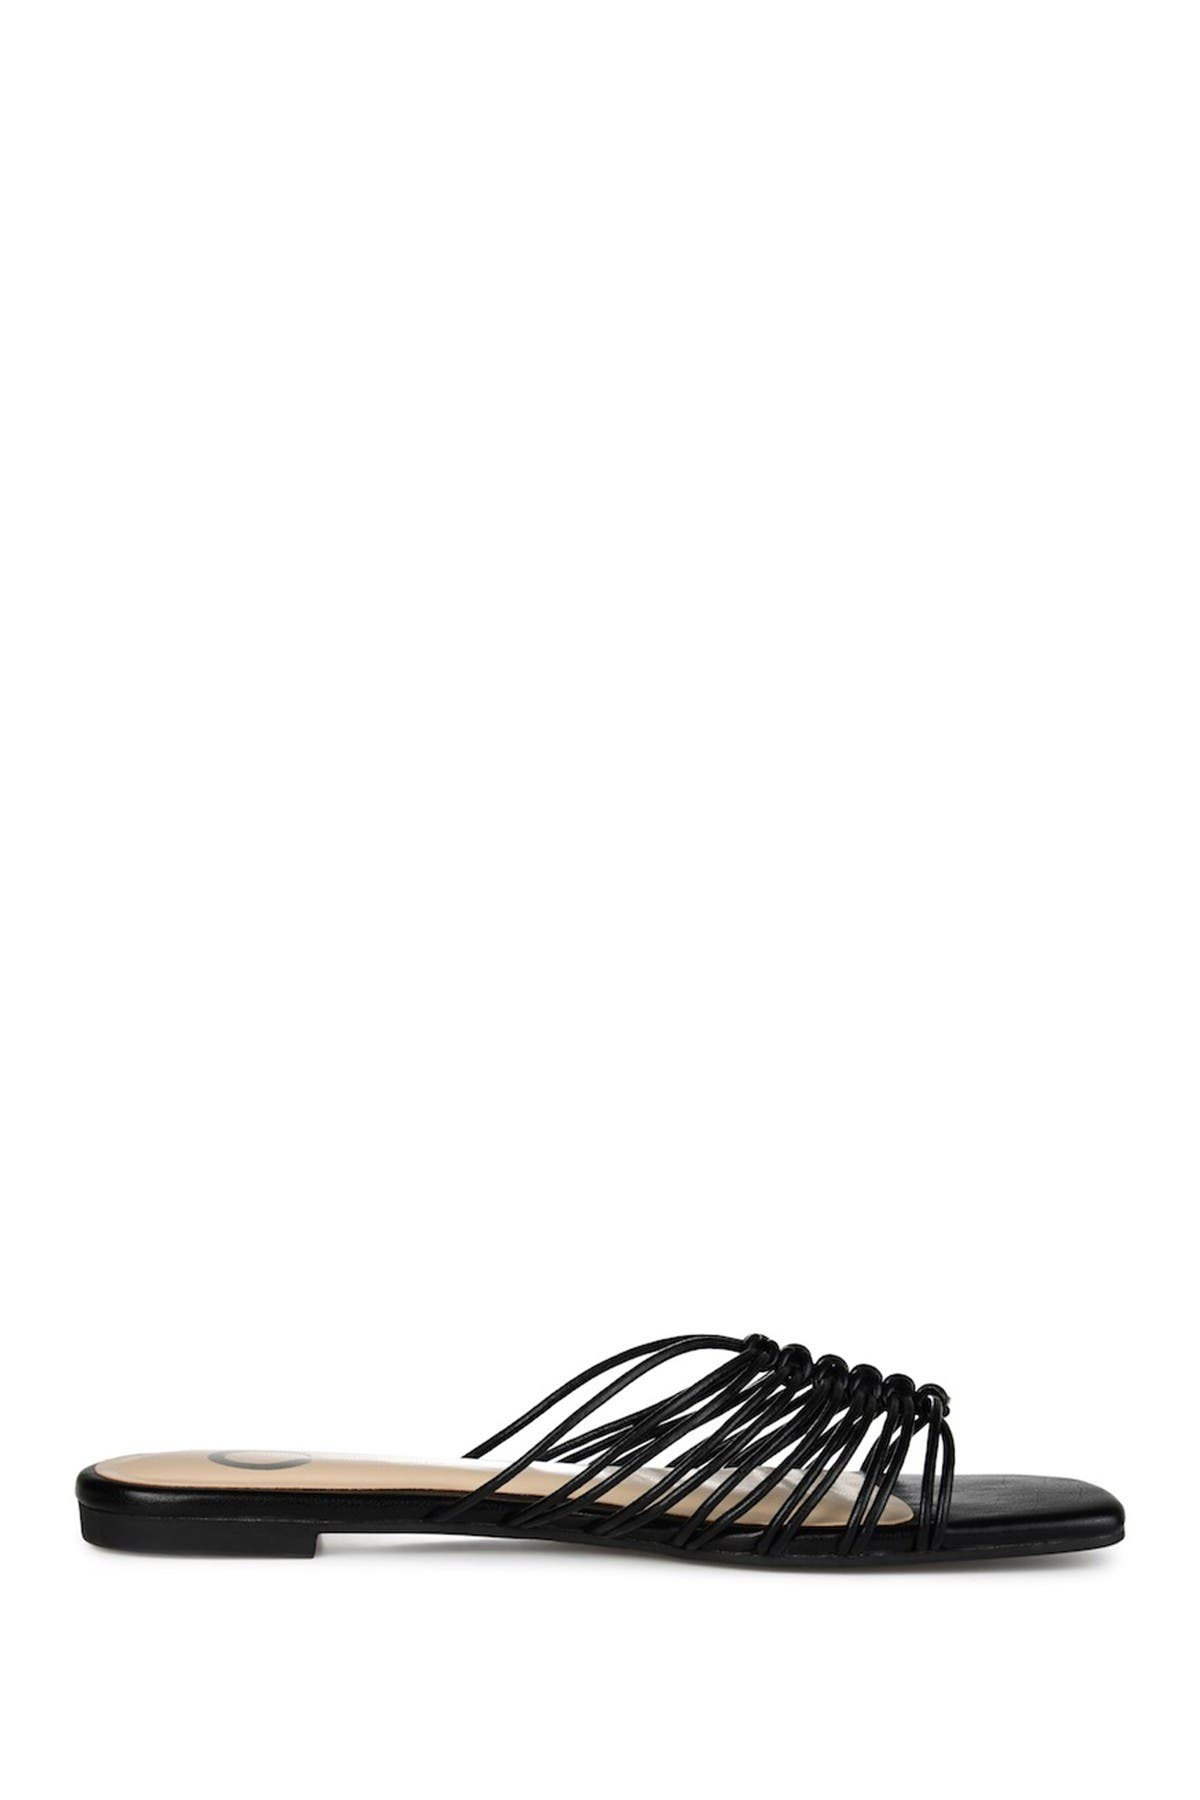 Image of JOURNEE Collection Adorra Slide Sandal